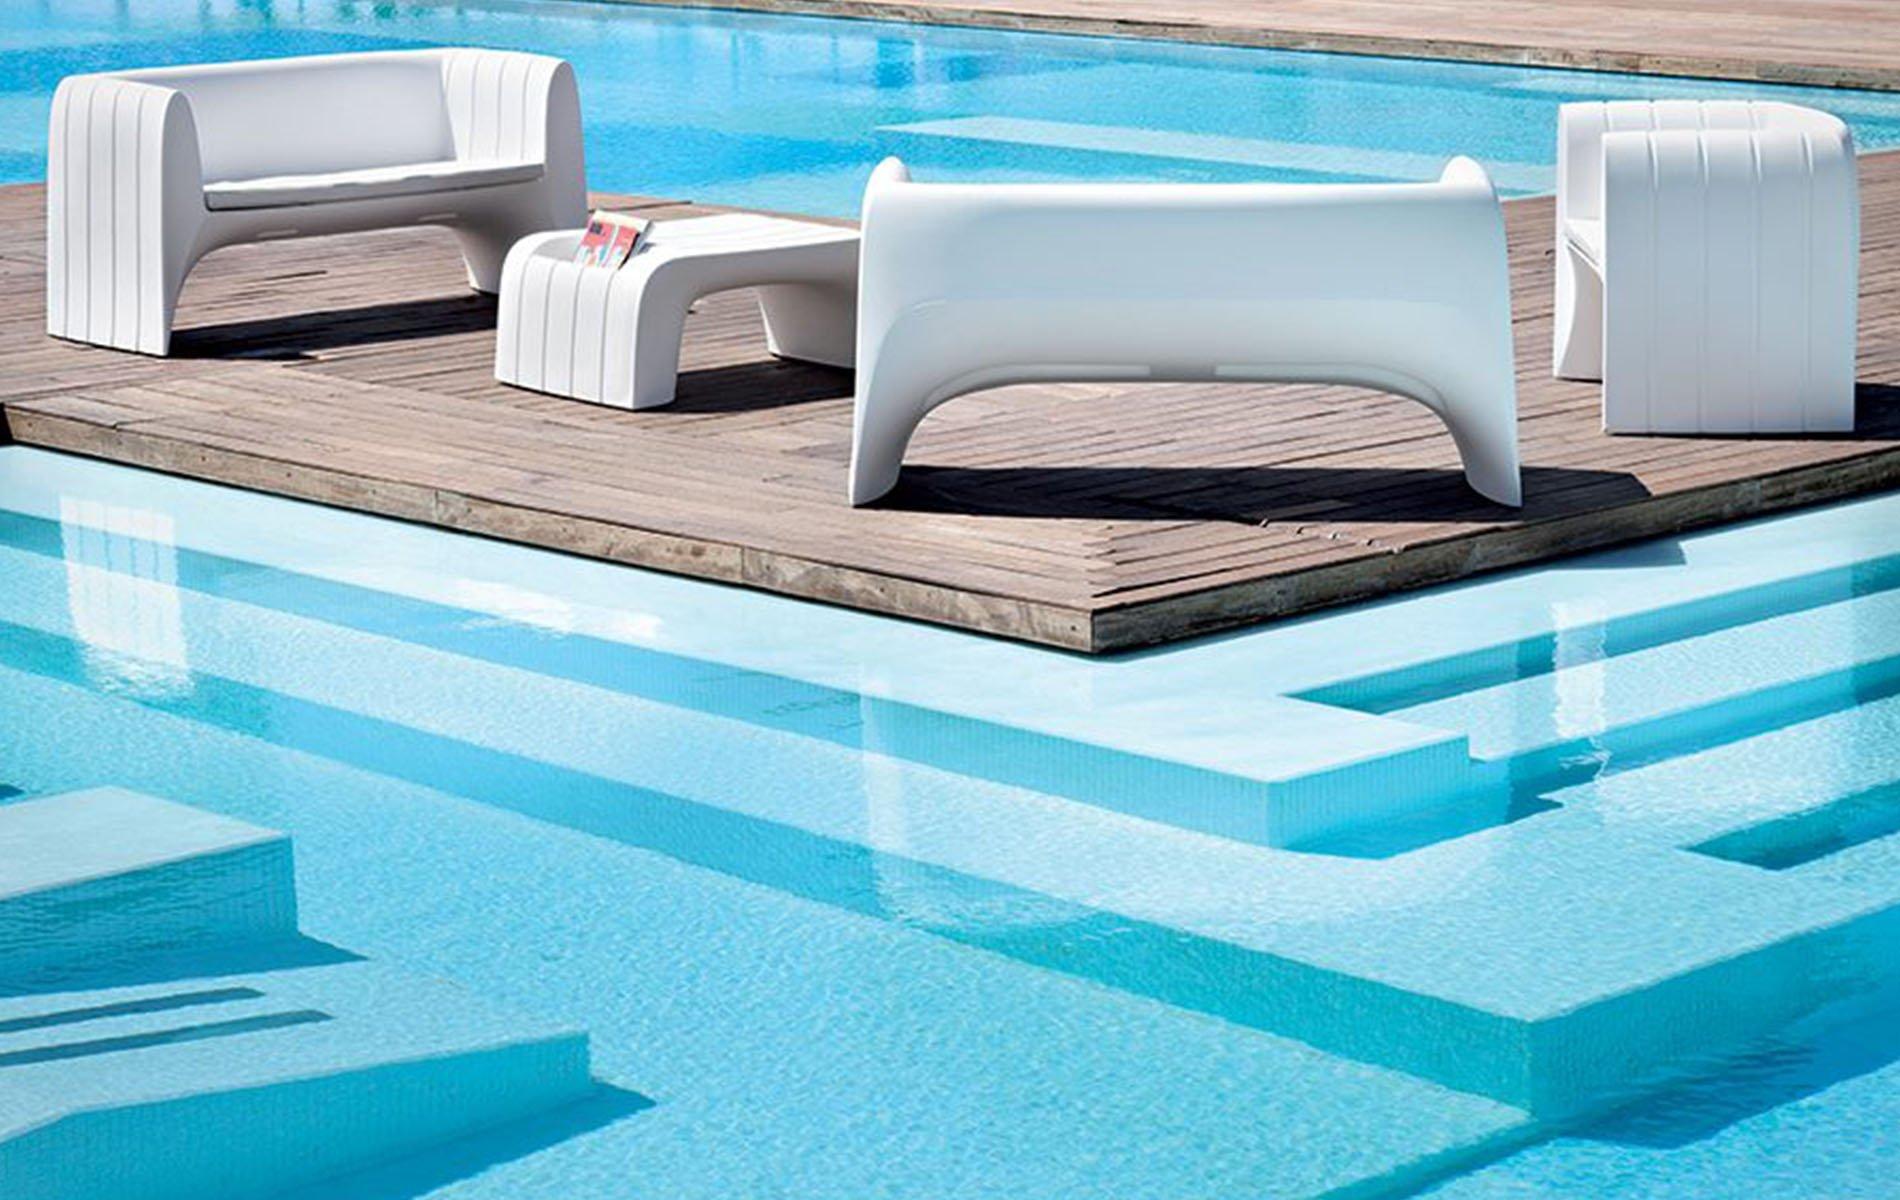 divanetti e tavolino a bordo piscina